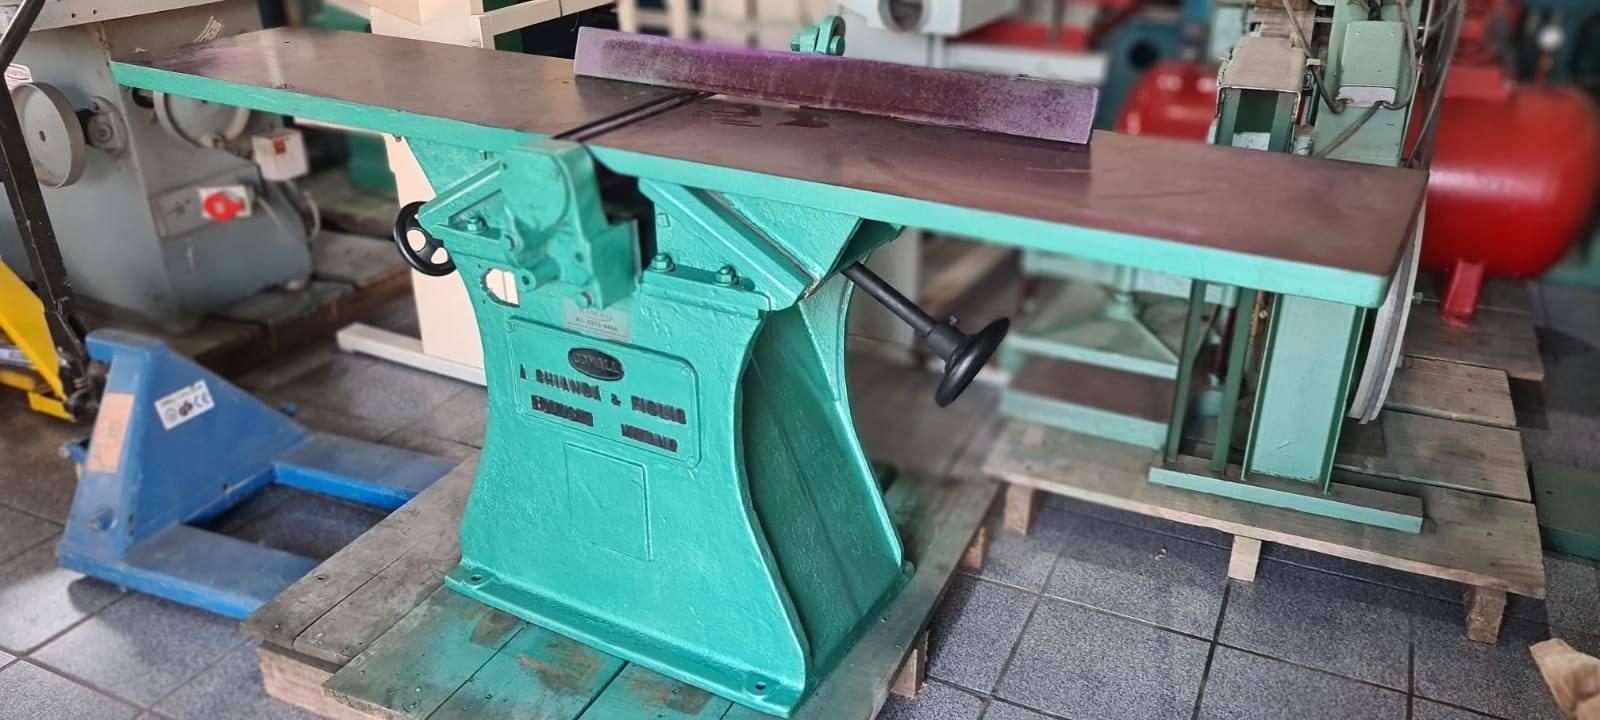 Desempenadeira ferro fundido Comall - Kimaq